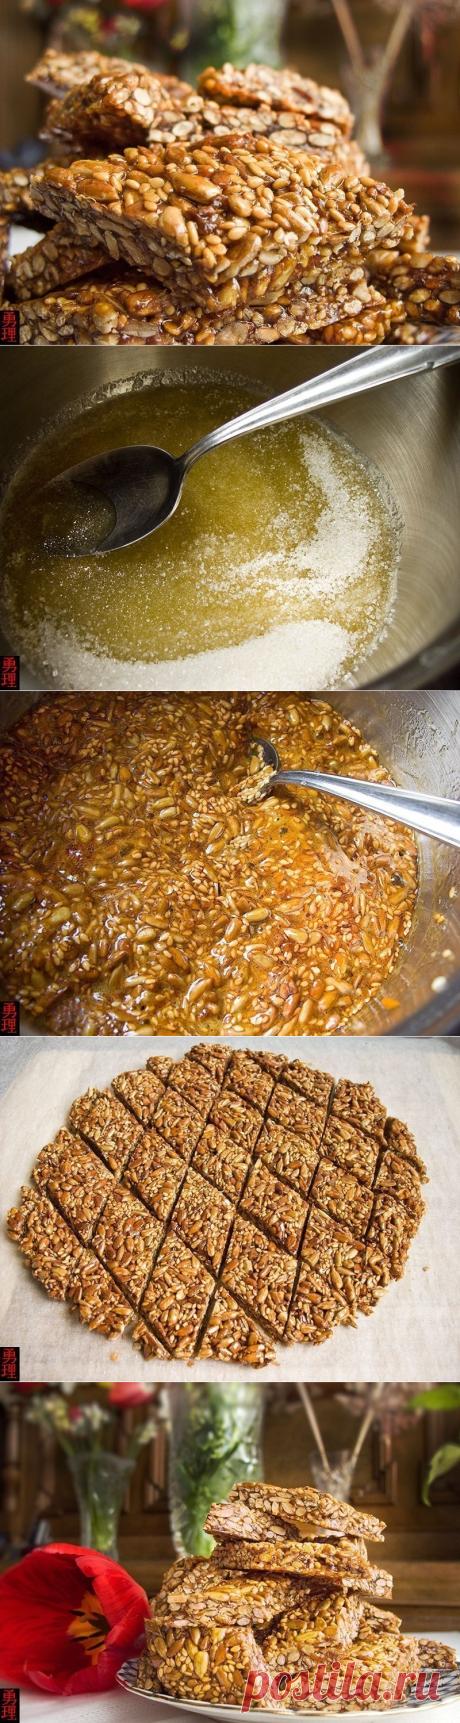 Как приготовить козинаки с семечками и кунжутом - рецепт, ингредиенты и фотографии